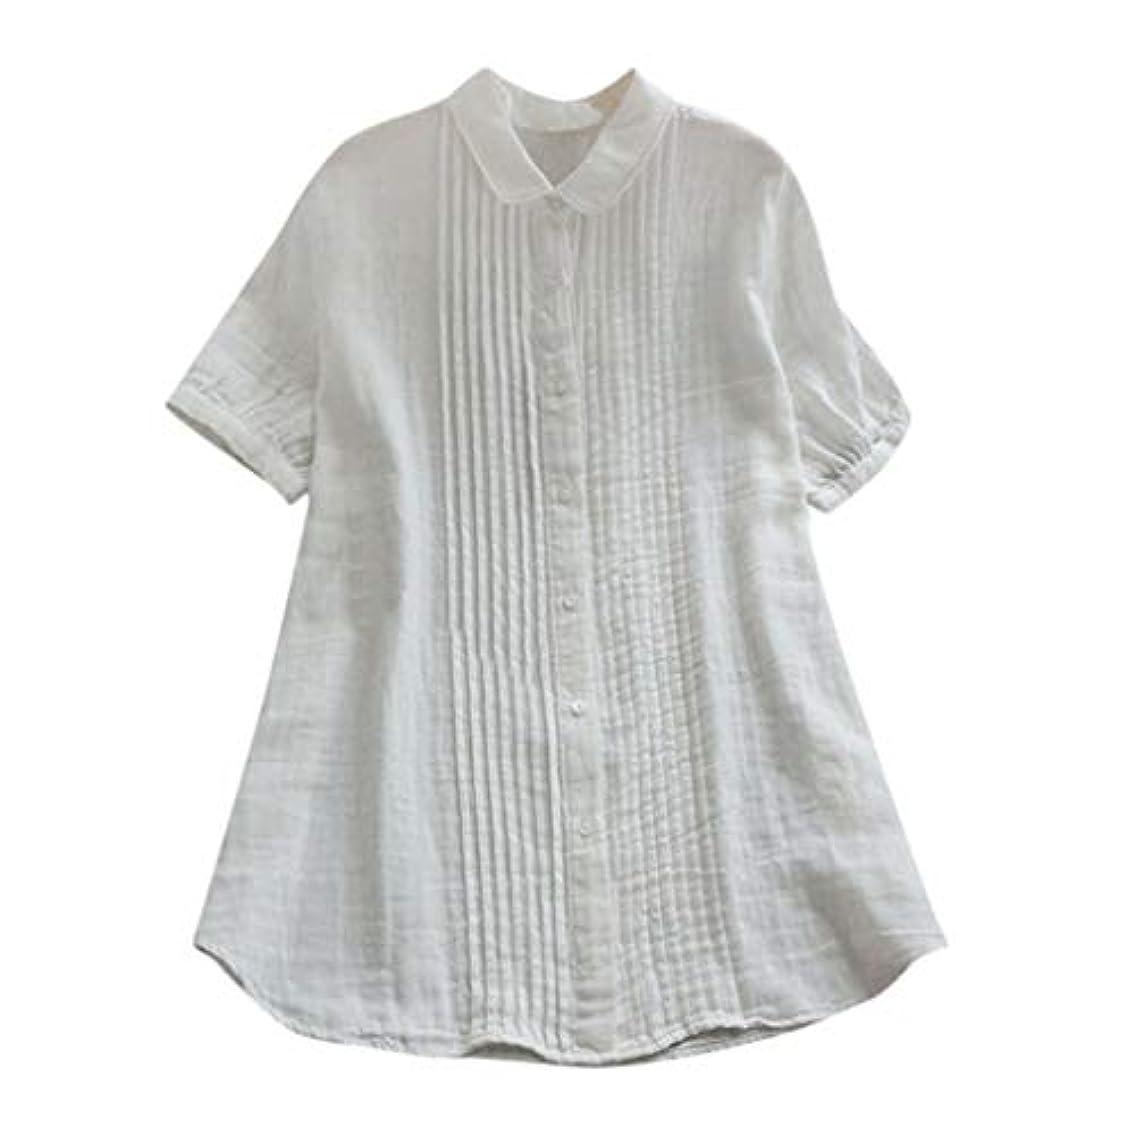 カップル評判タクシー女性の半袖Tシャツ - ピーターパンカラー夏緩い無地カジュアルダウントップスブラウス (白, L)